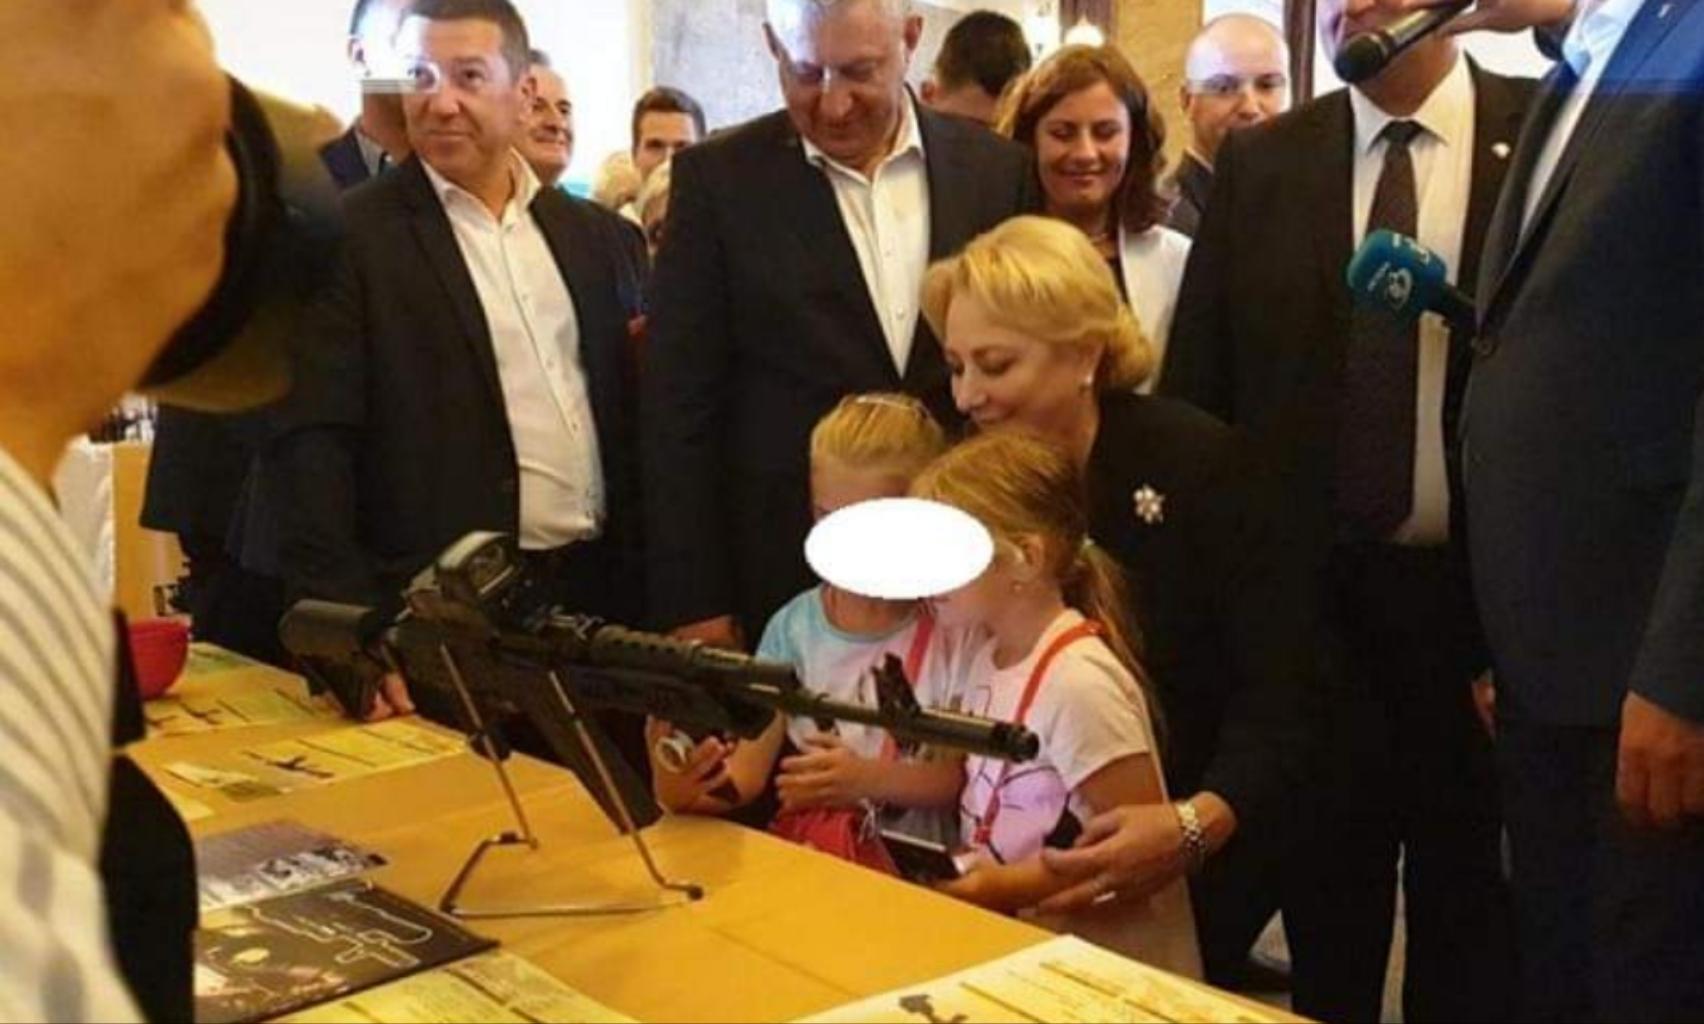 Gafă la Cugir: două fetițe au fost lăsate să se joace cu o petardă bătrână lângă o mitralieră!